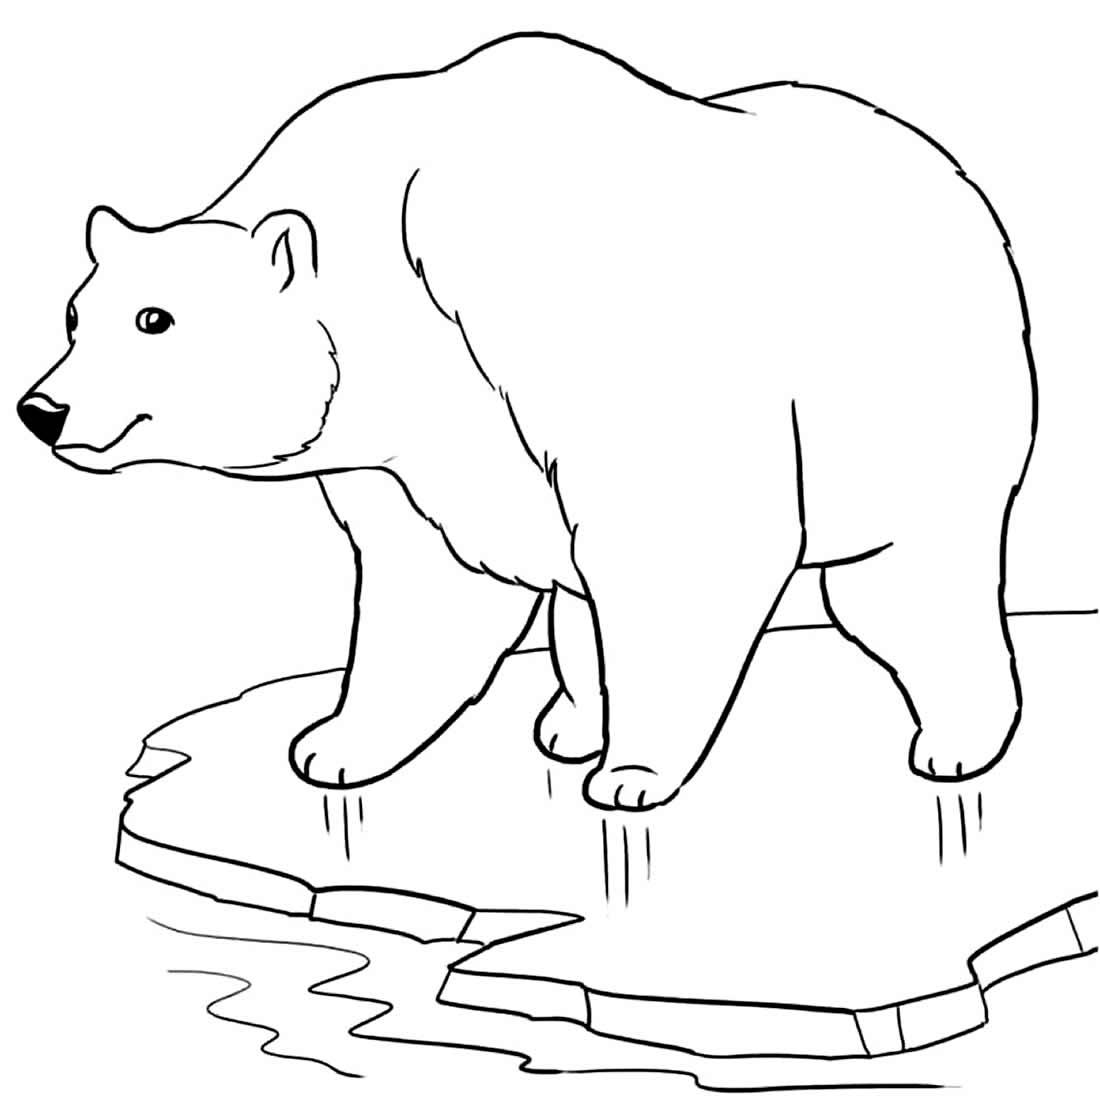 Imagem de Urso para pintar e colorir